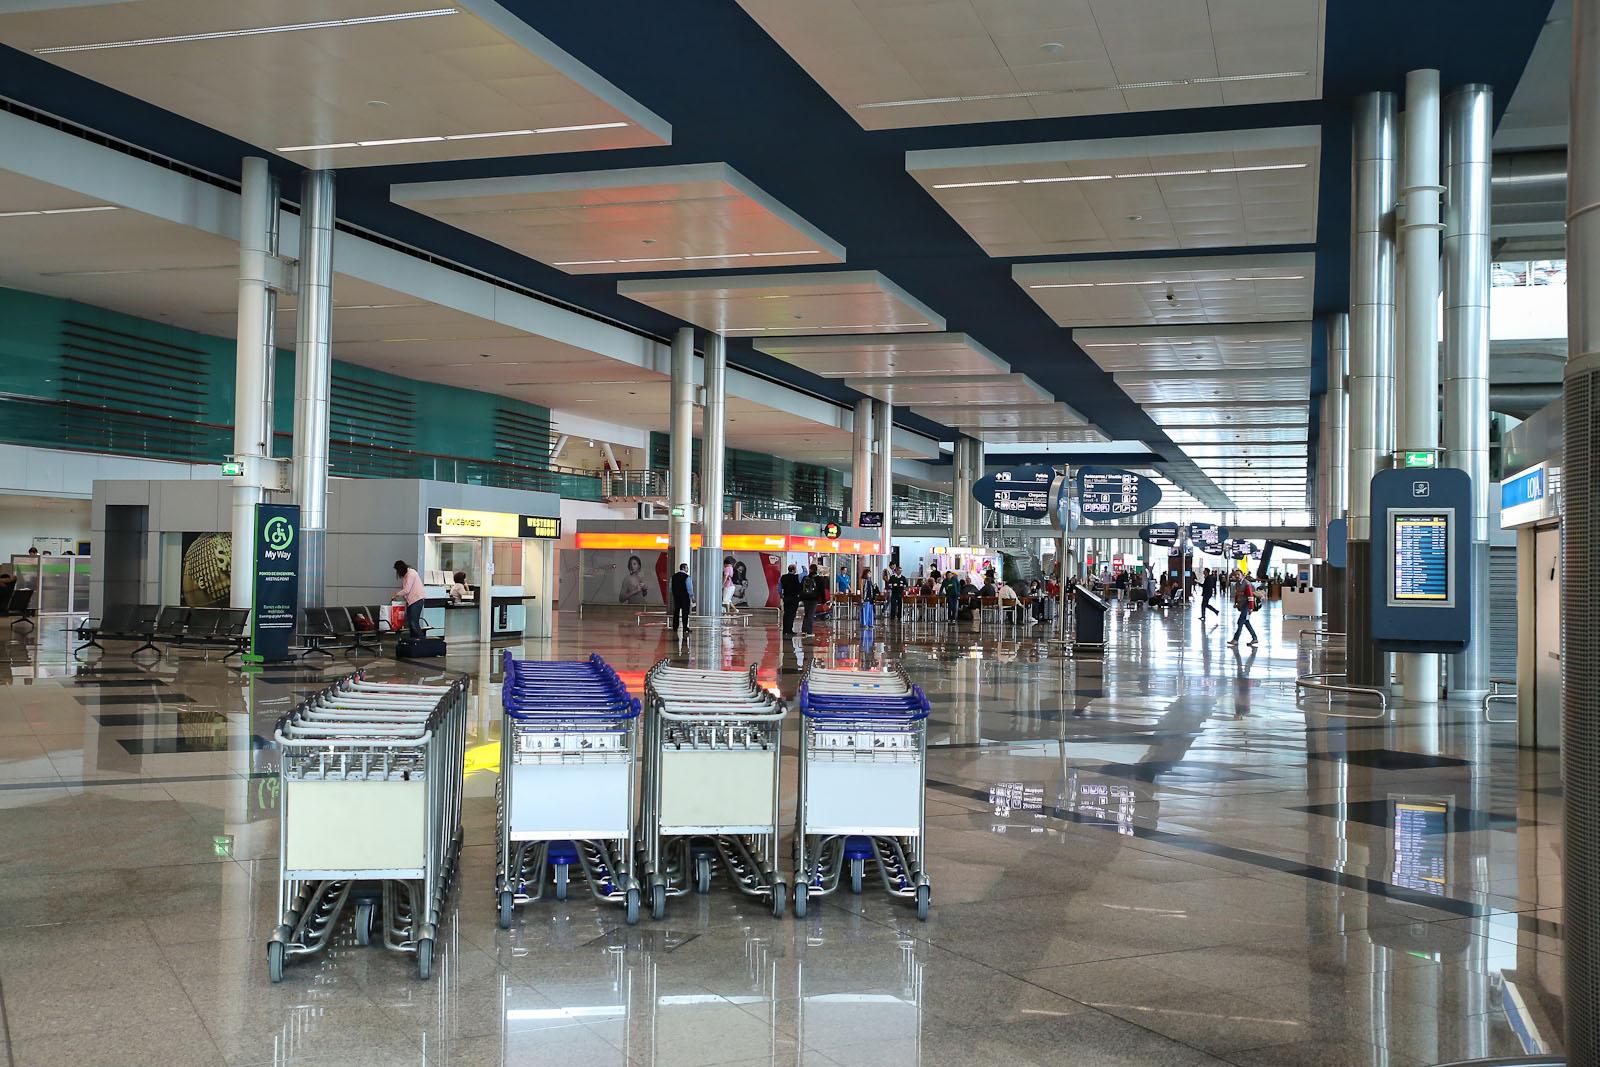 Зал прилета на первом этаже терминала аэропорта Порту